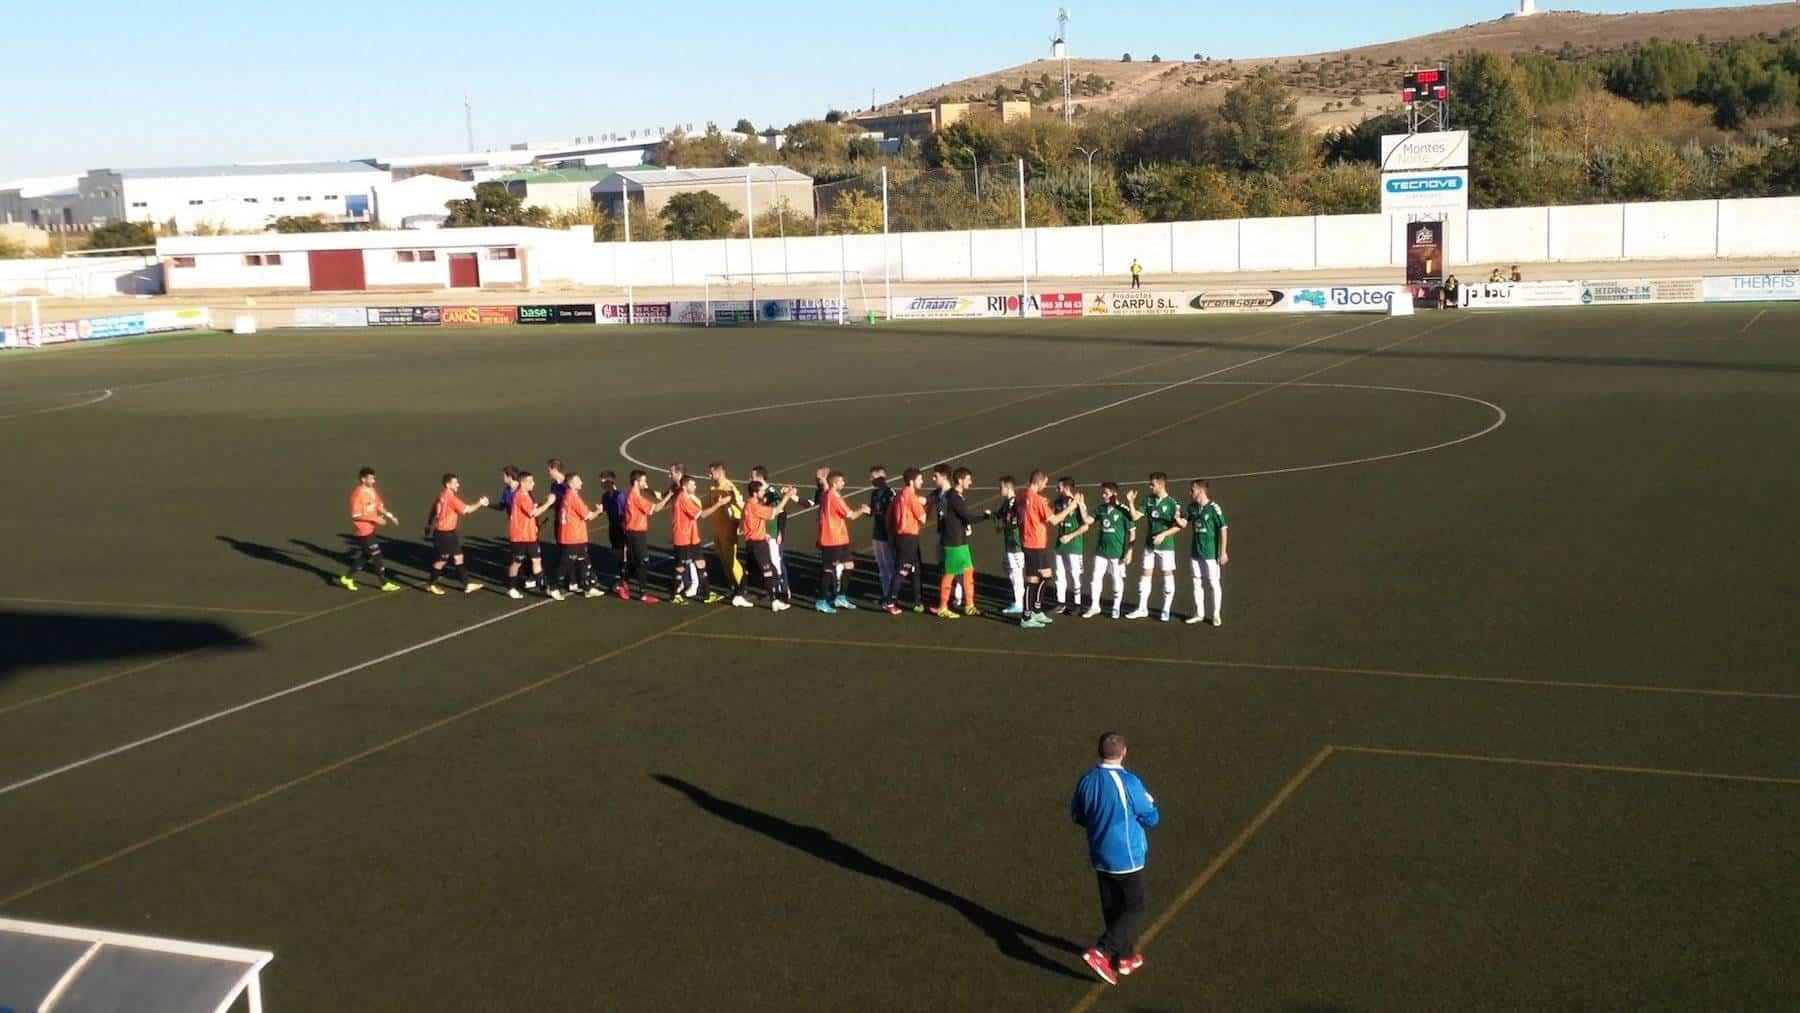 herencia cf los llanos futbol 2 - Herencia CF superó a Los Llanos en un partido con resultado 2-0